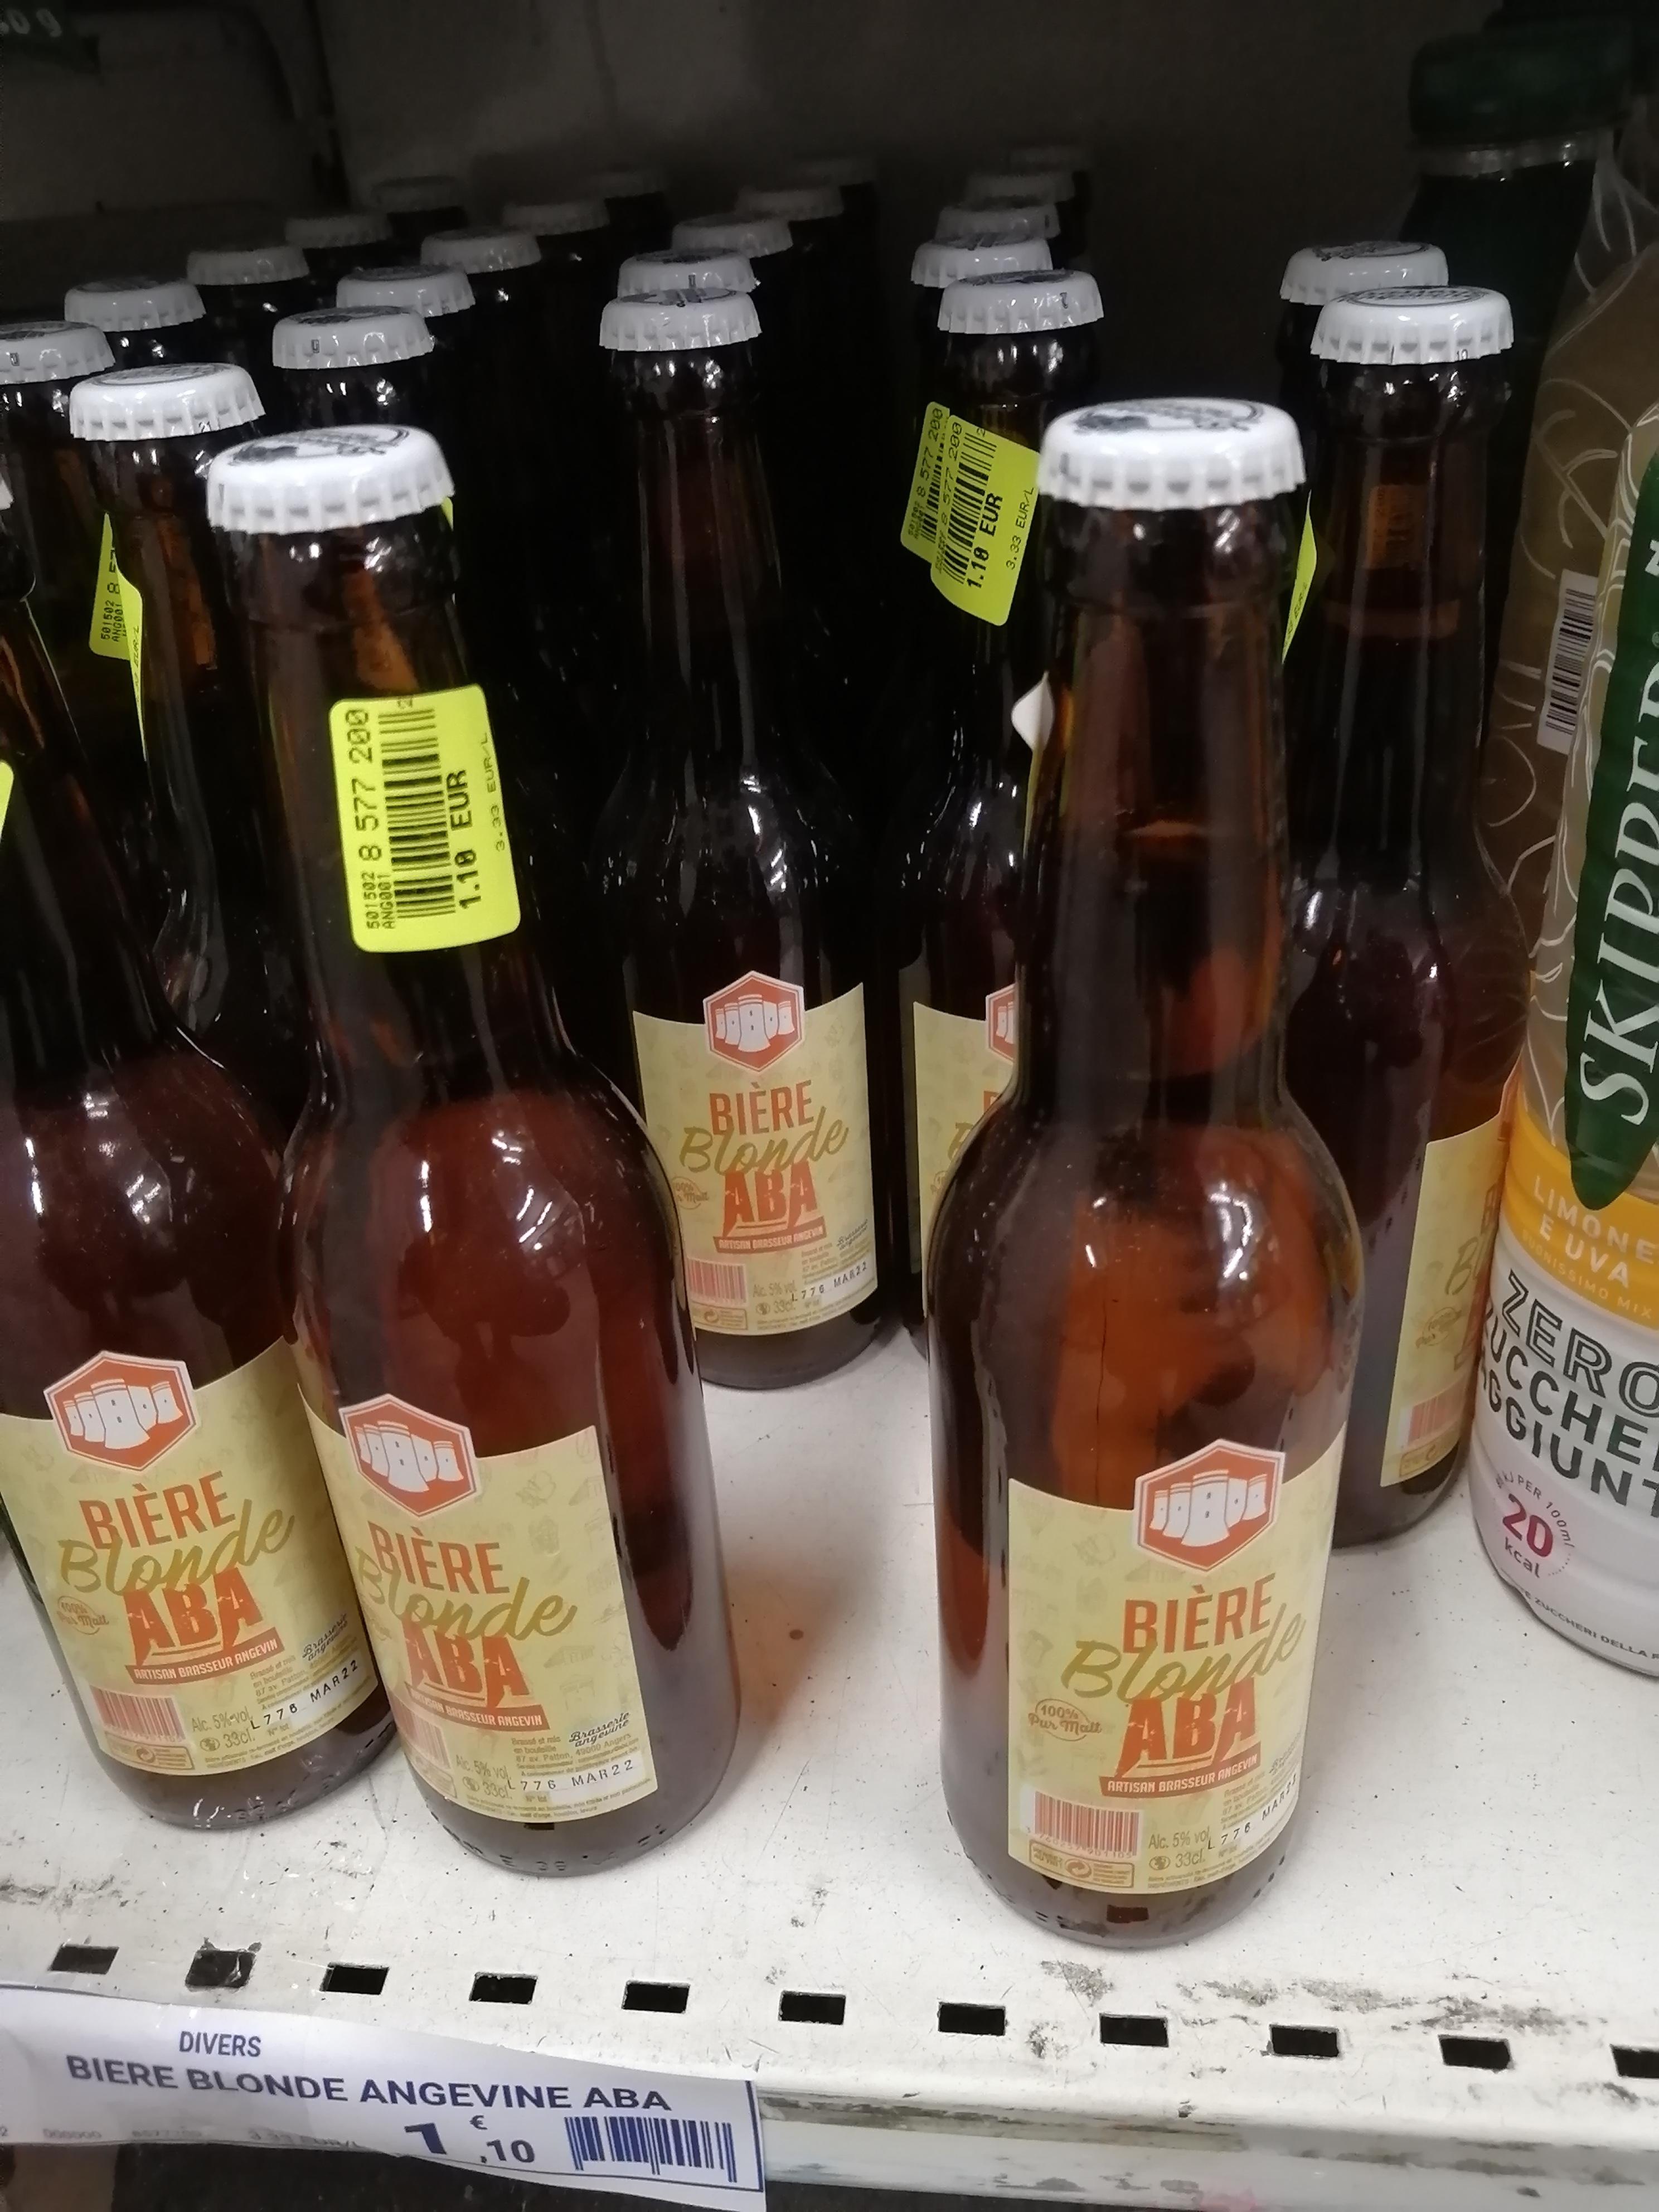 Bouteille de bière blonde Aba - 33 cl (Saumur 49)